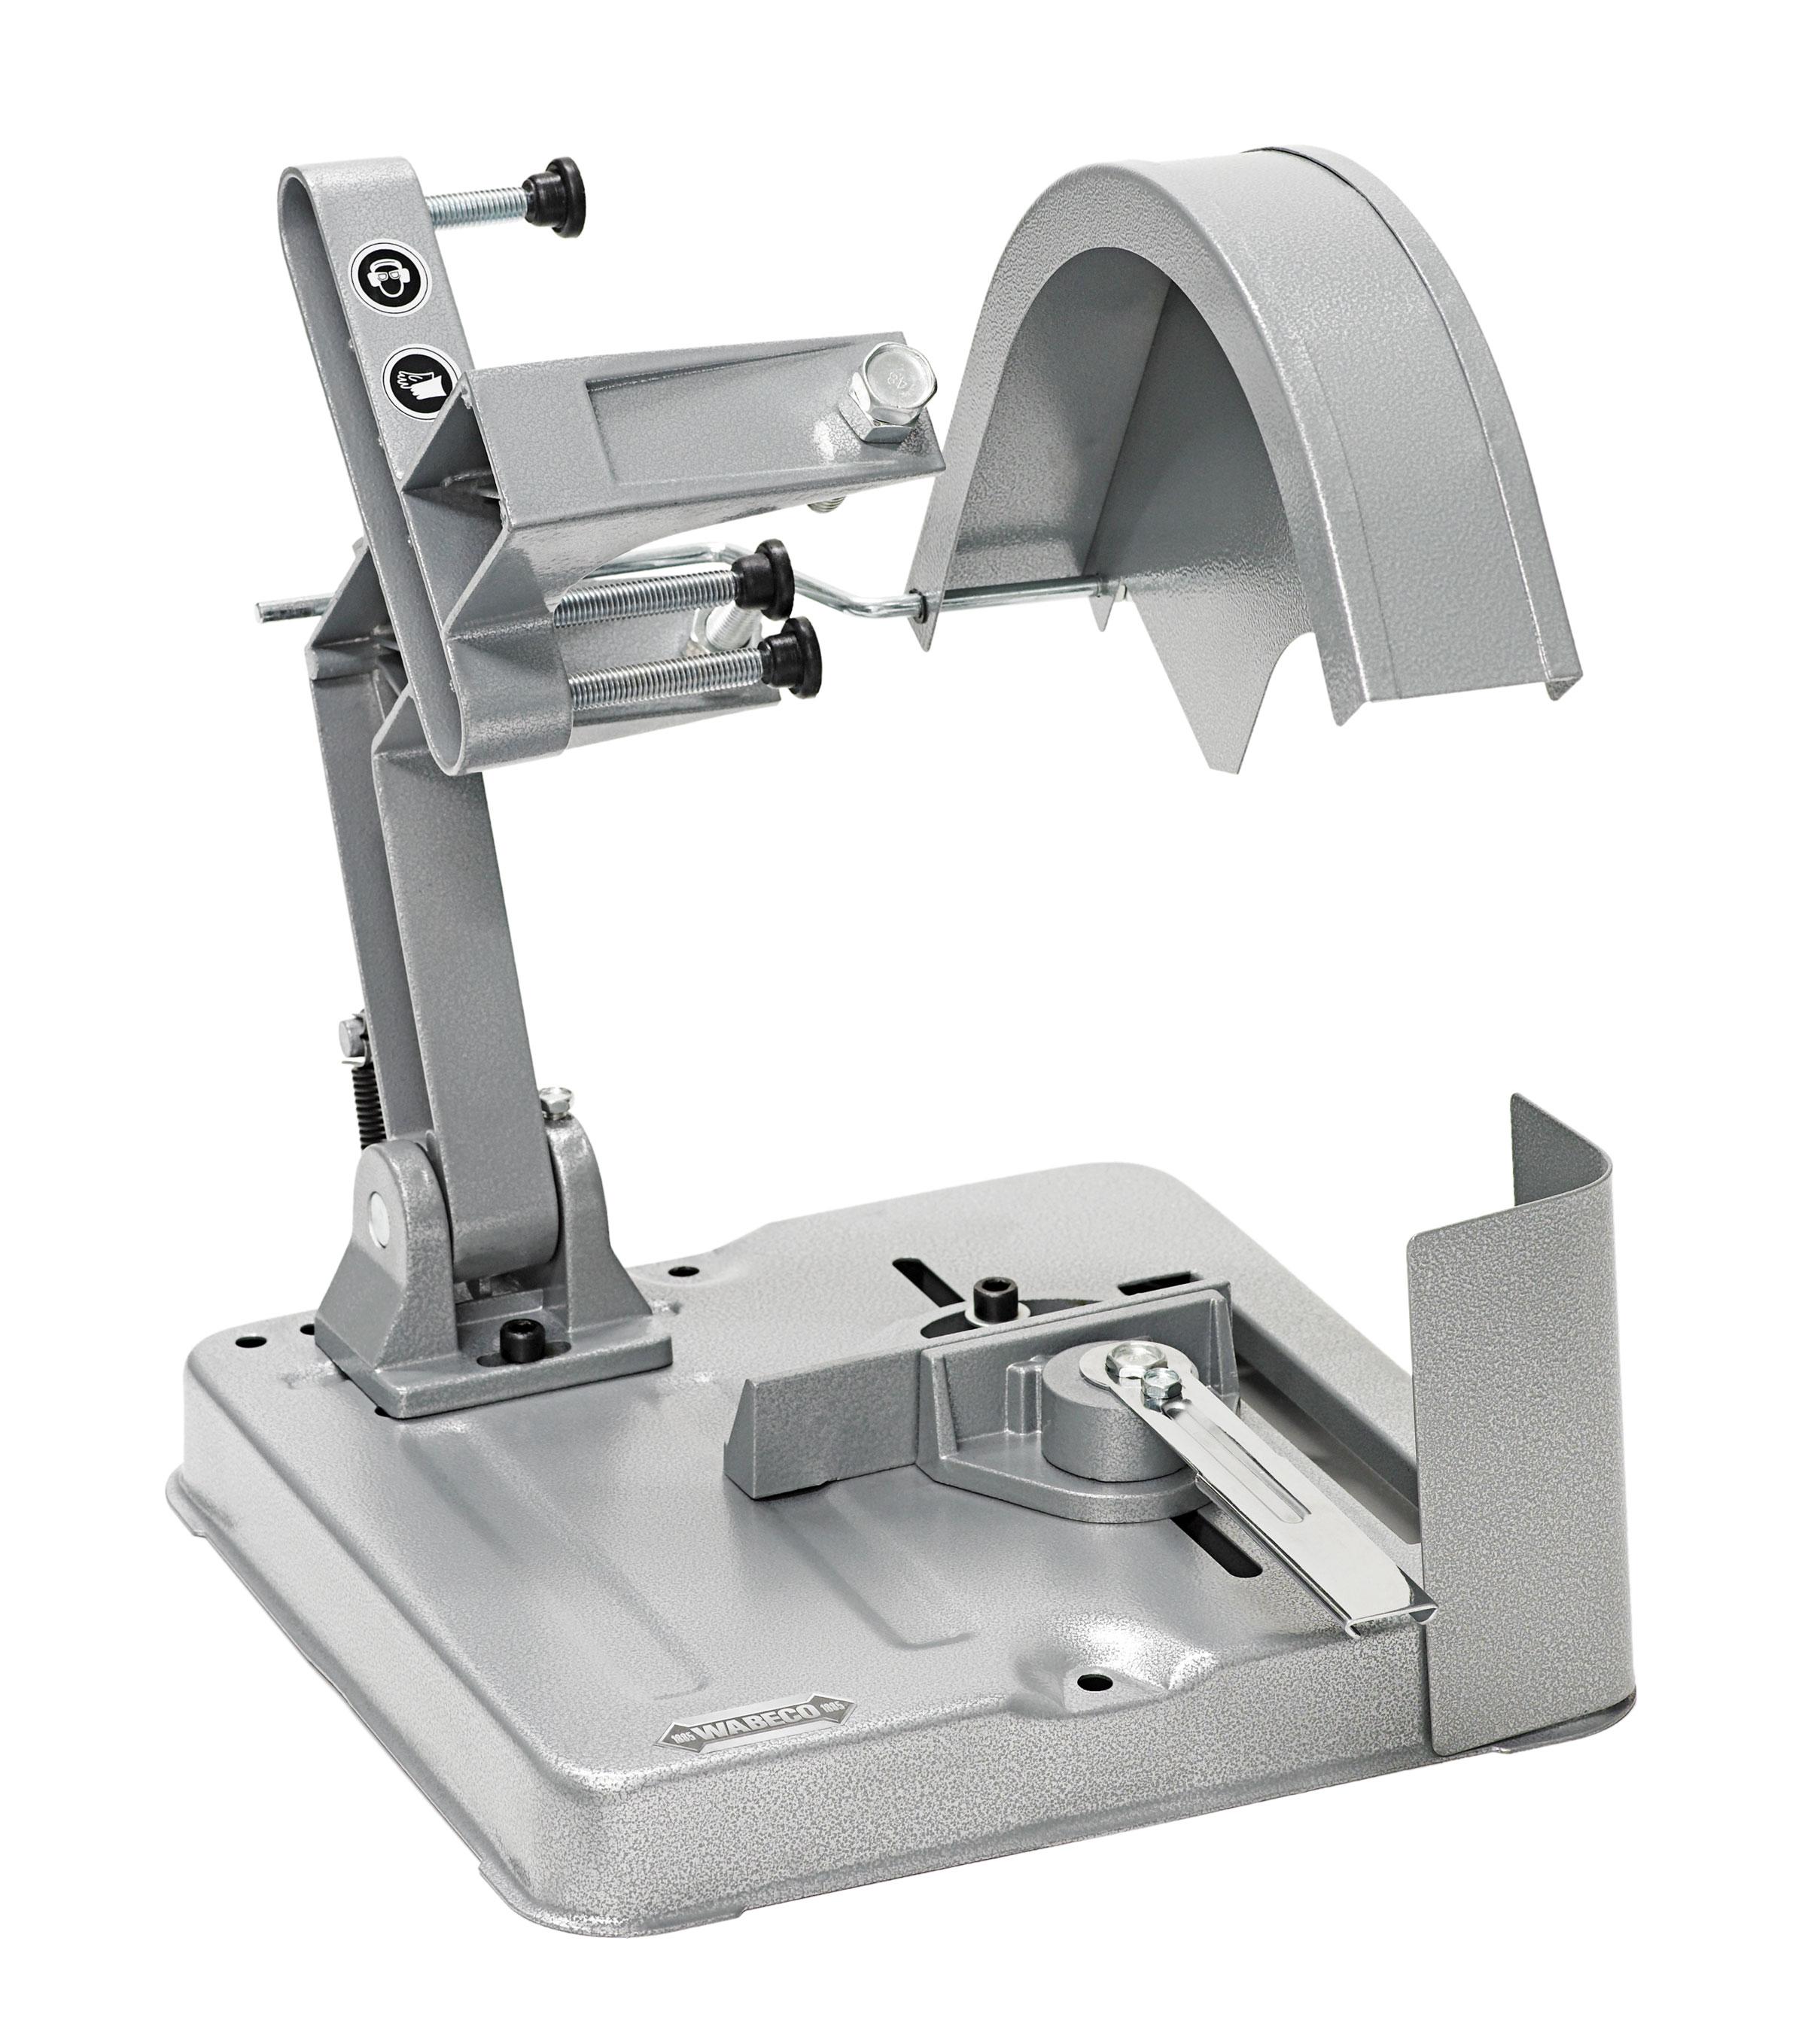 Trennständer für Zweihandwinkelschleifer Wabeco Bild 1